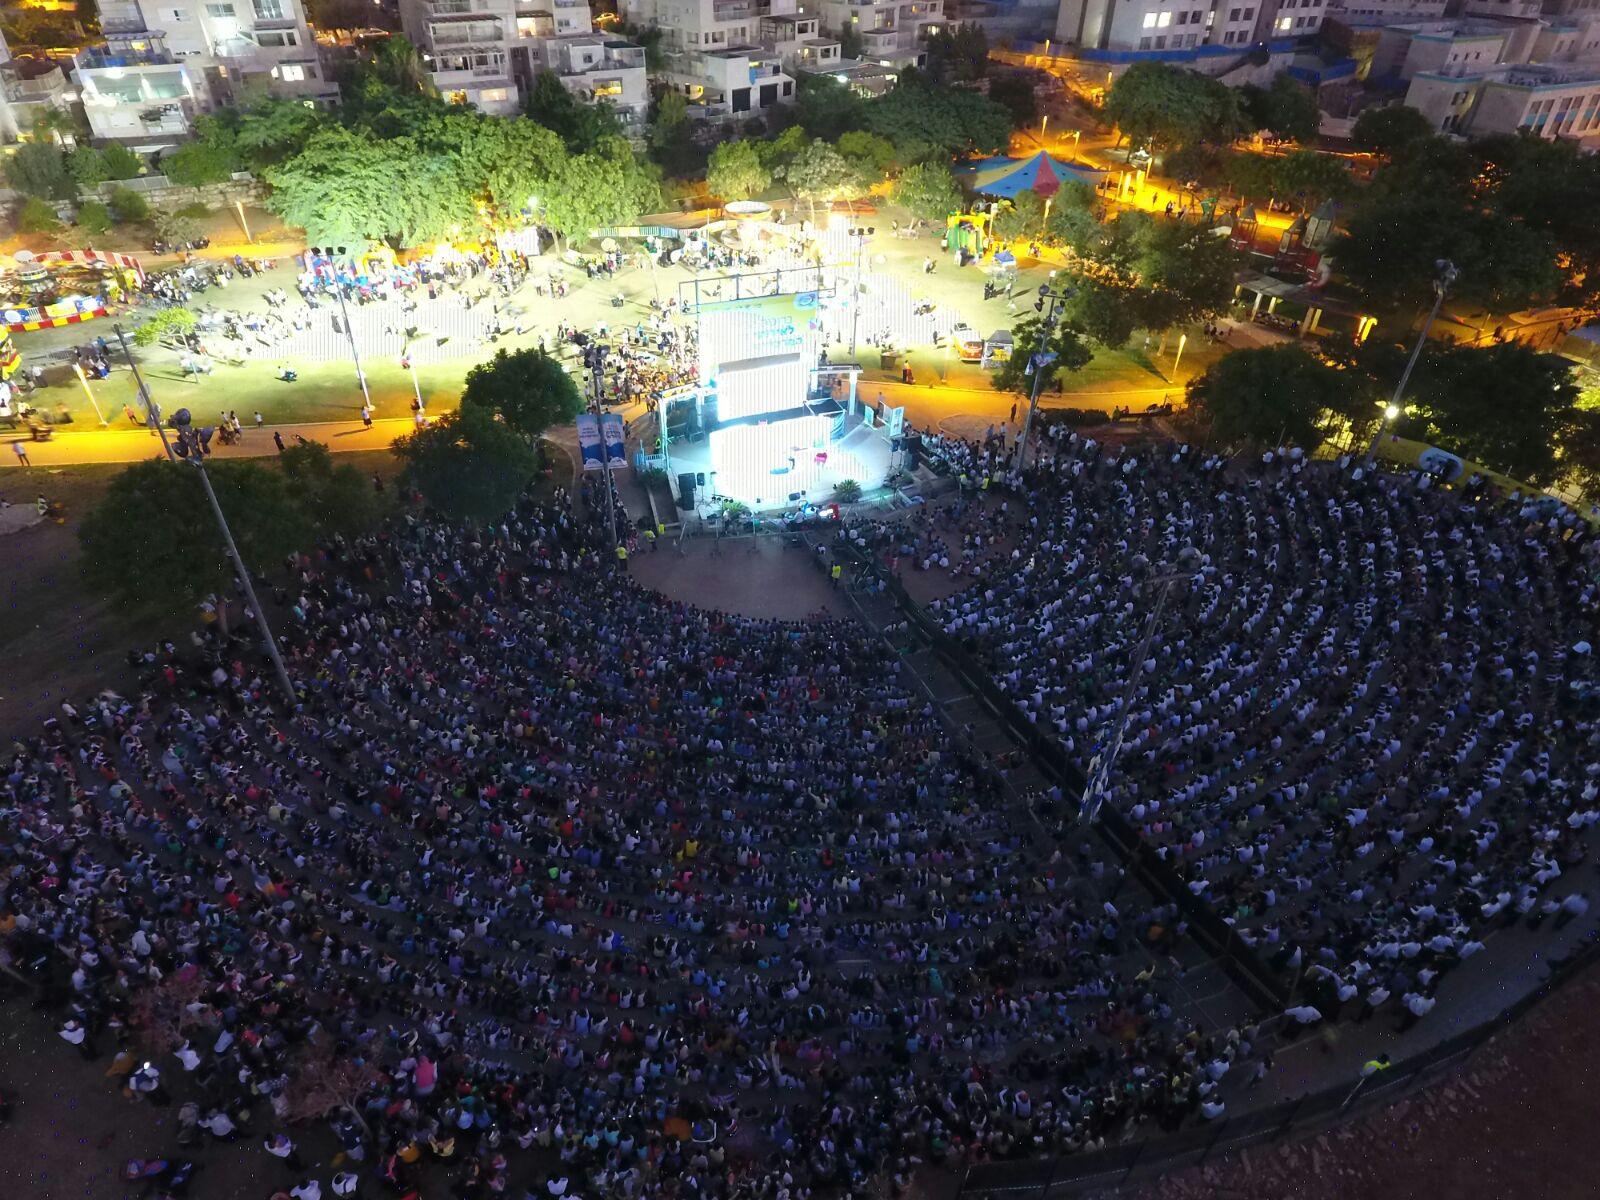 כ-15 אלף איש השתתפו בהפנינג הקיץ באלעד • תיעוד אווירי